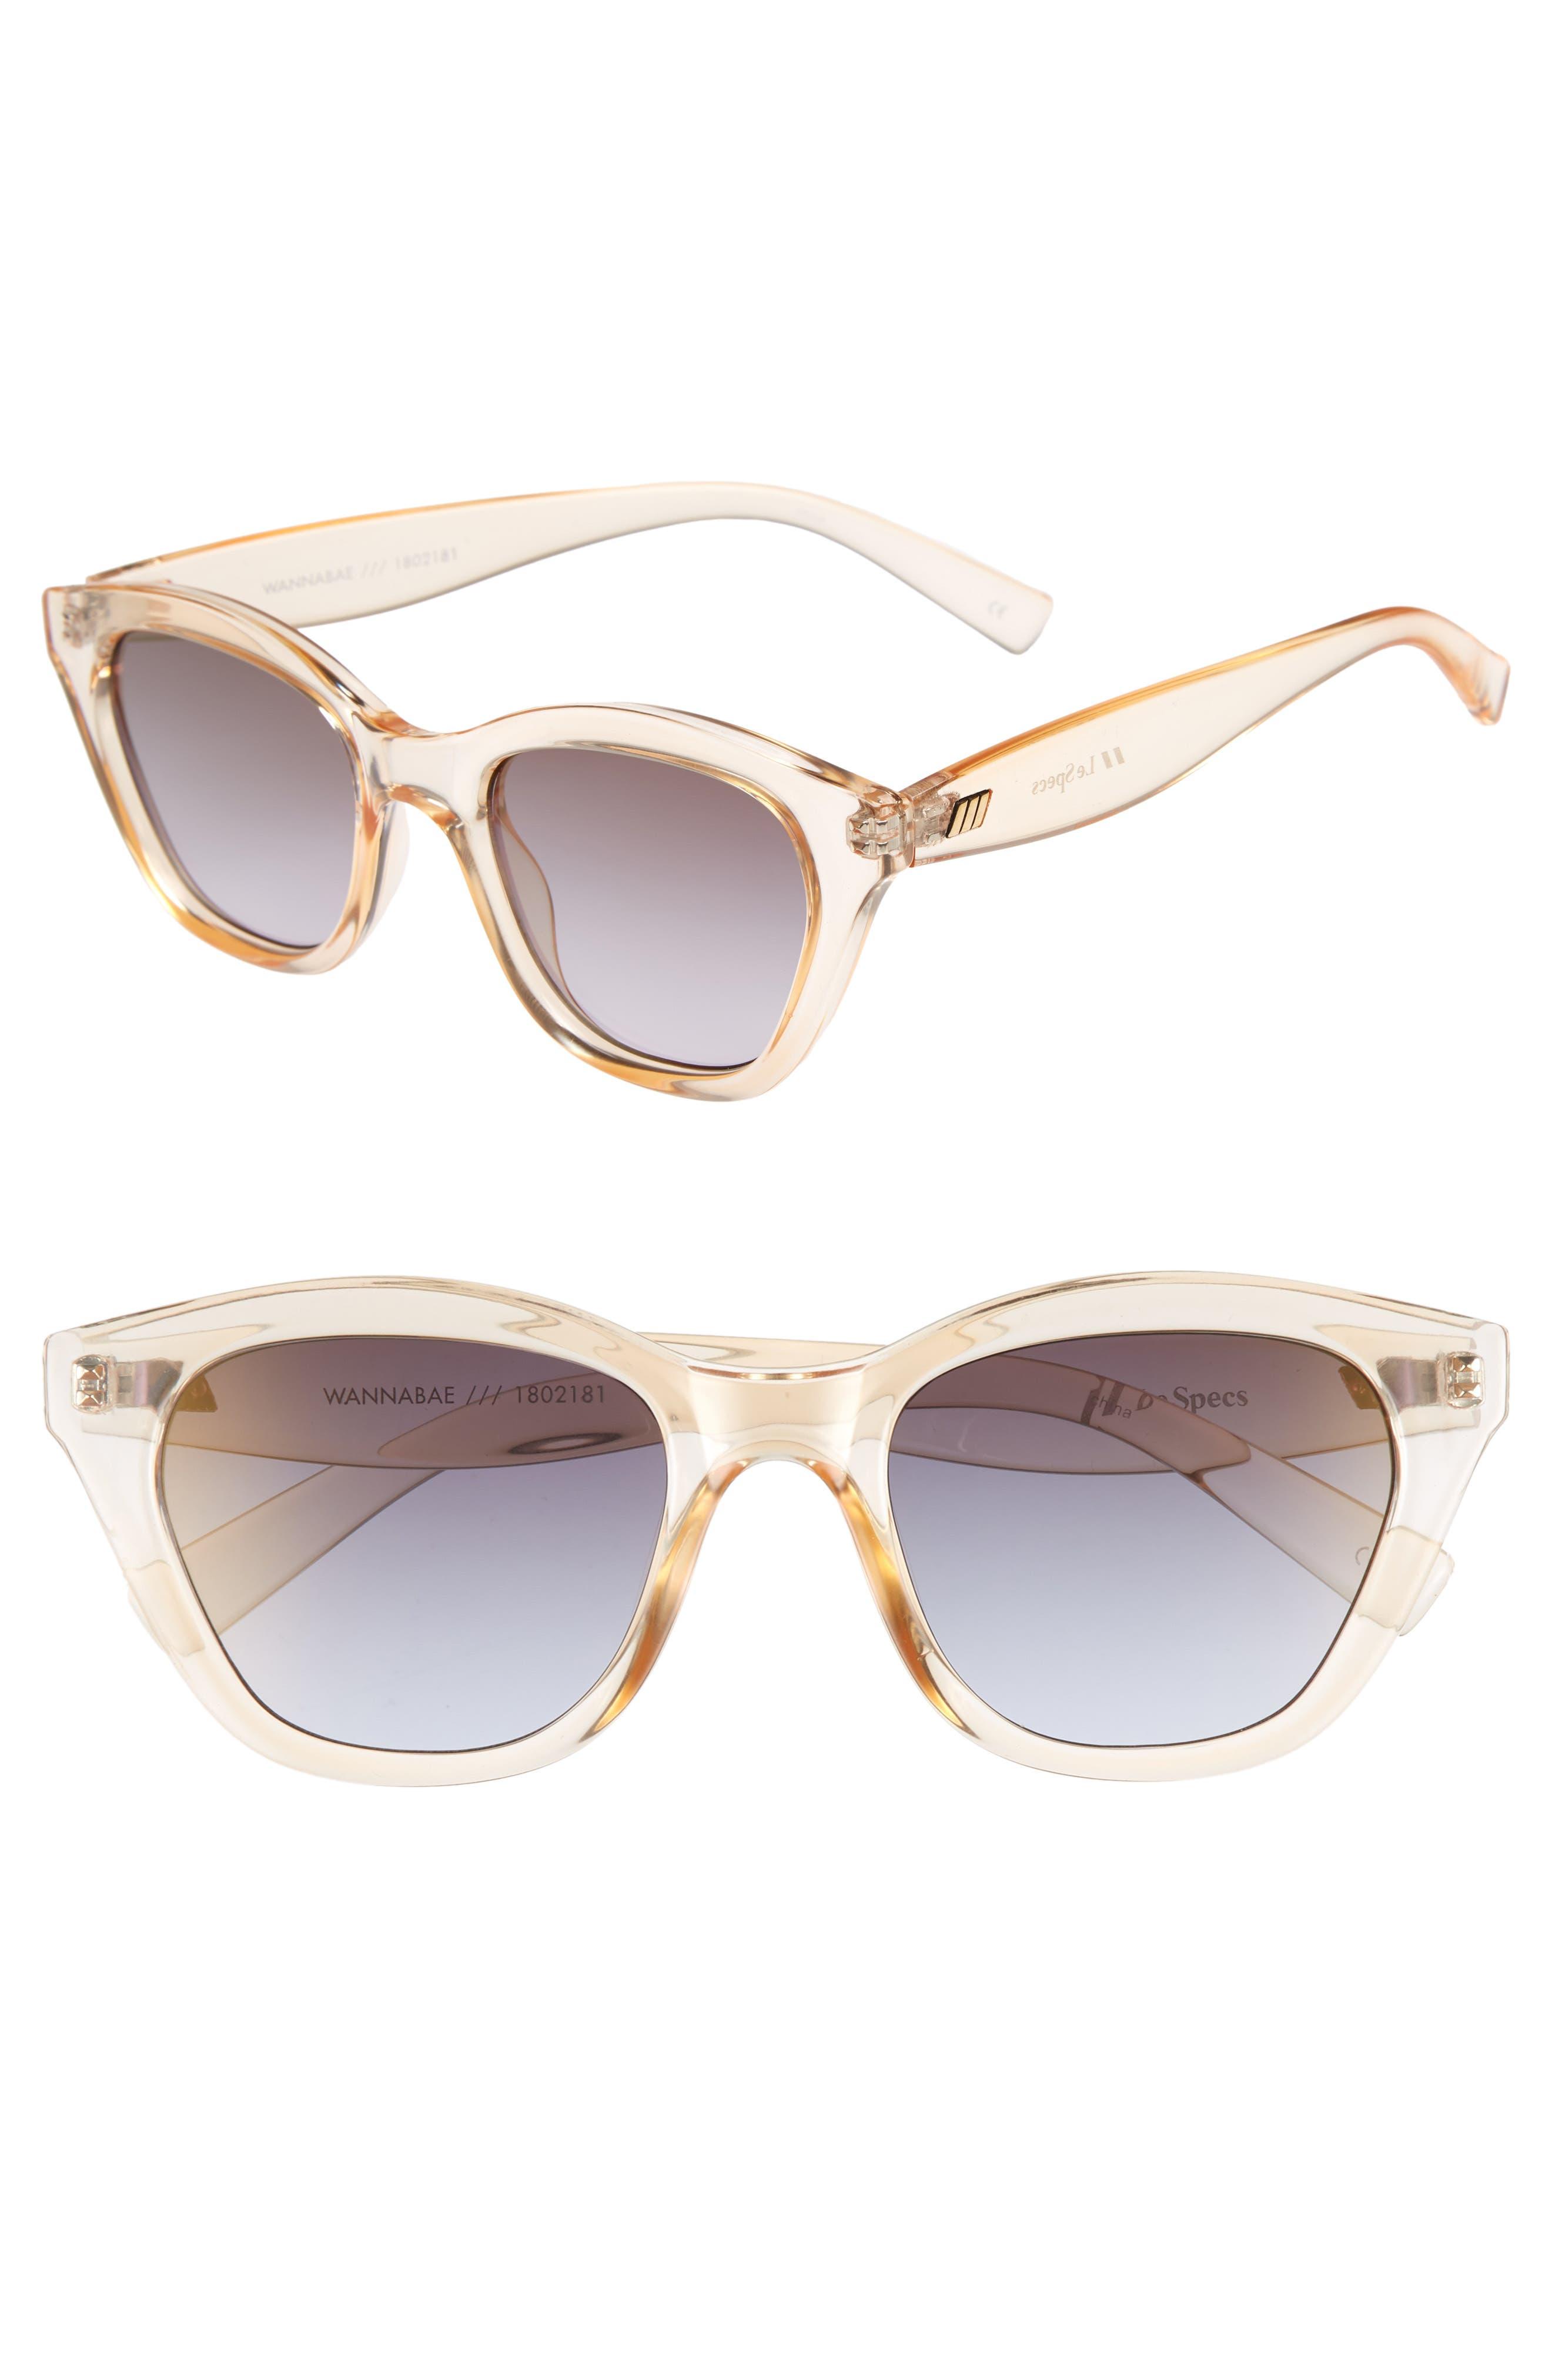 Wannabae 49mm Angular Sunglasses,                             Main thumbnail 1, color,                             Blonde